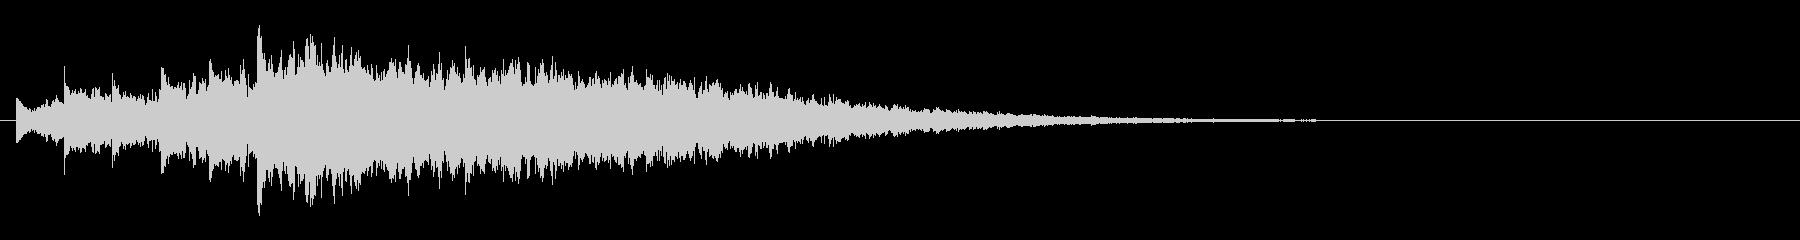 KANTシンセジングル011166の未再生の波形